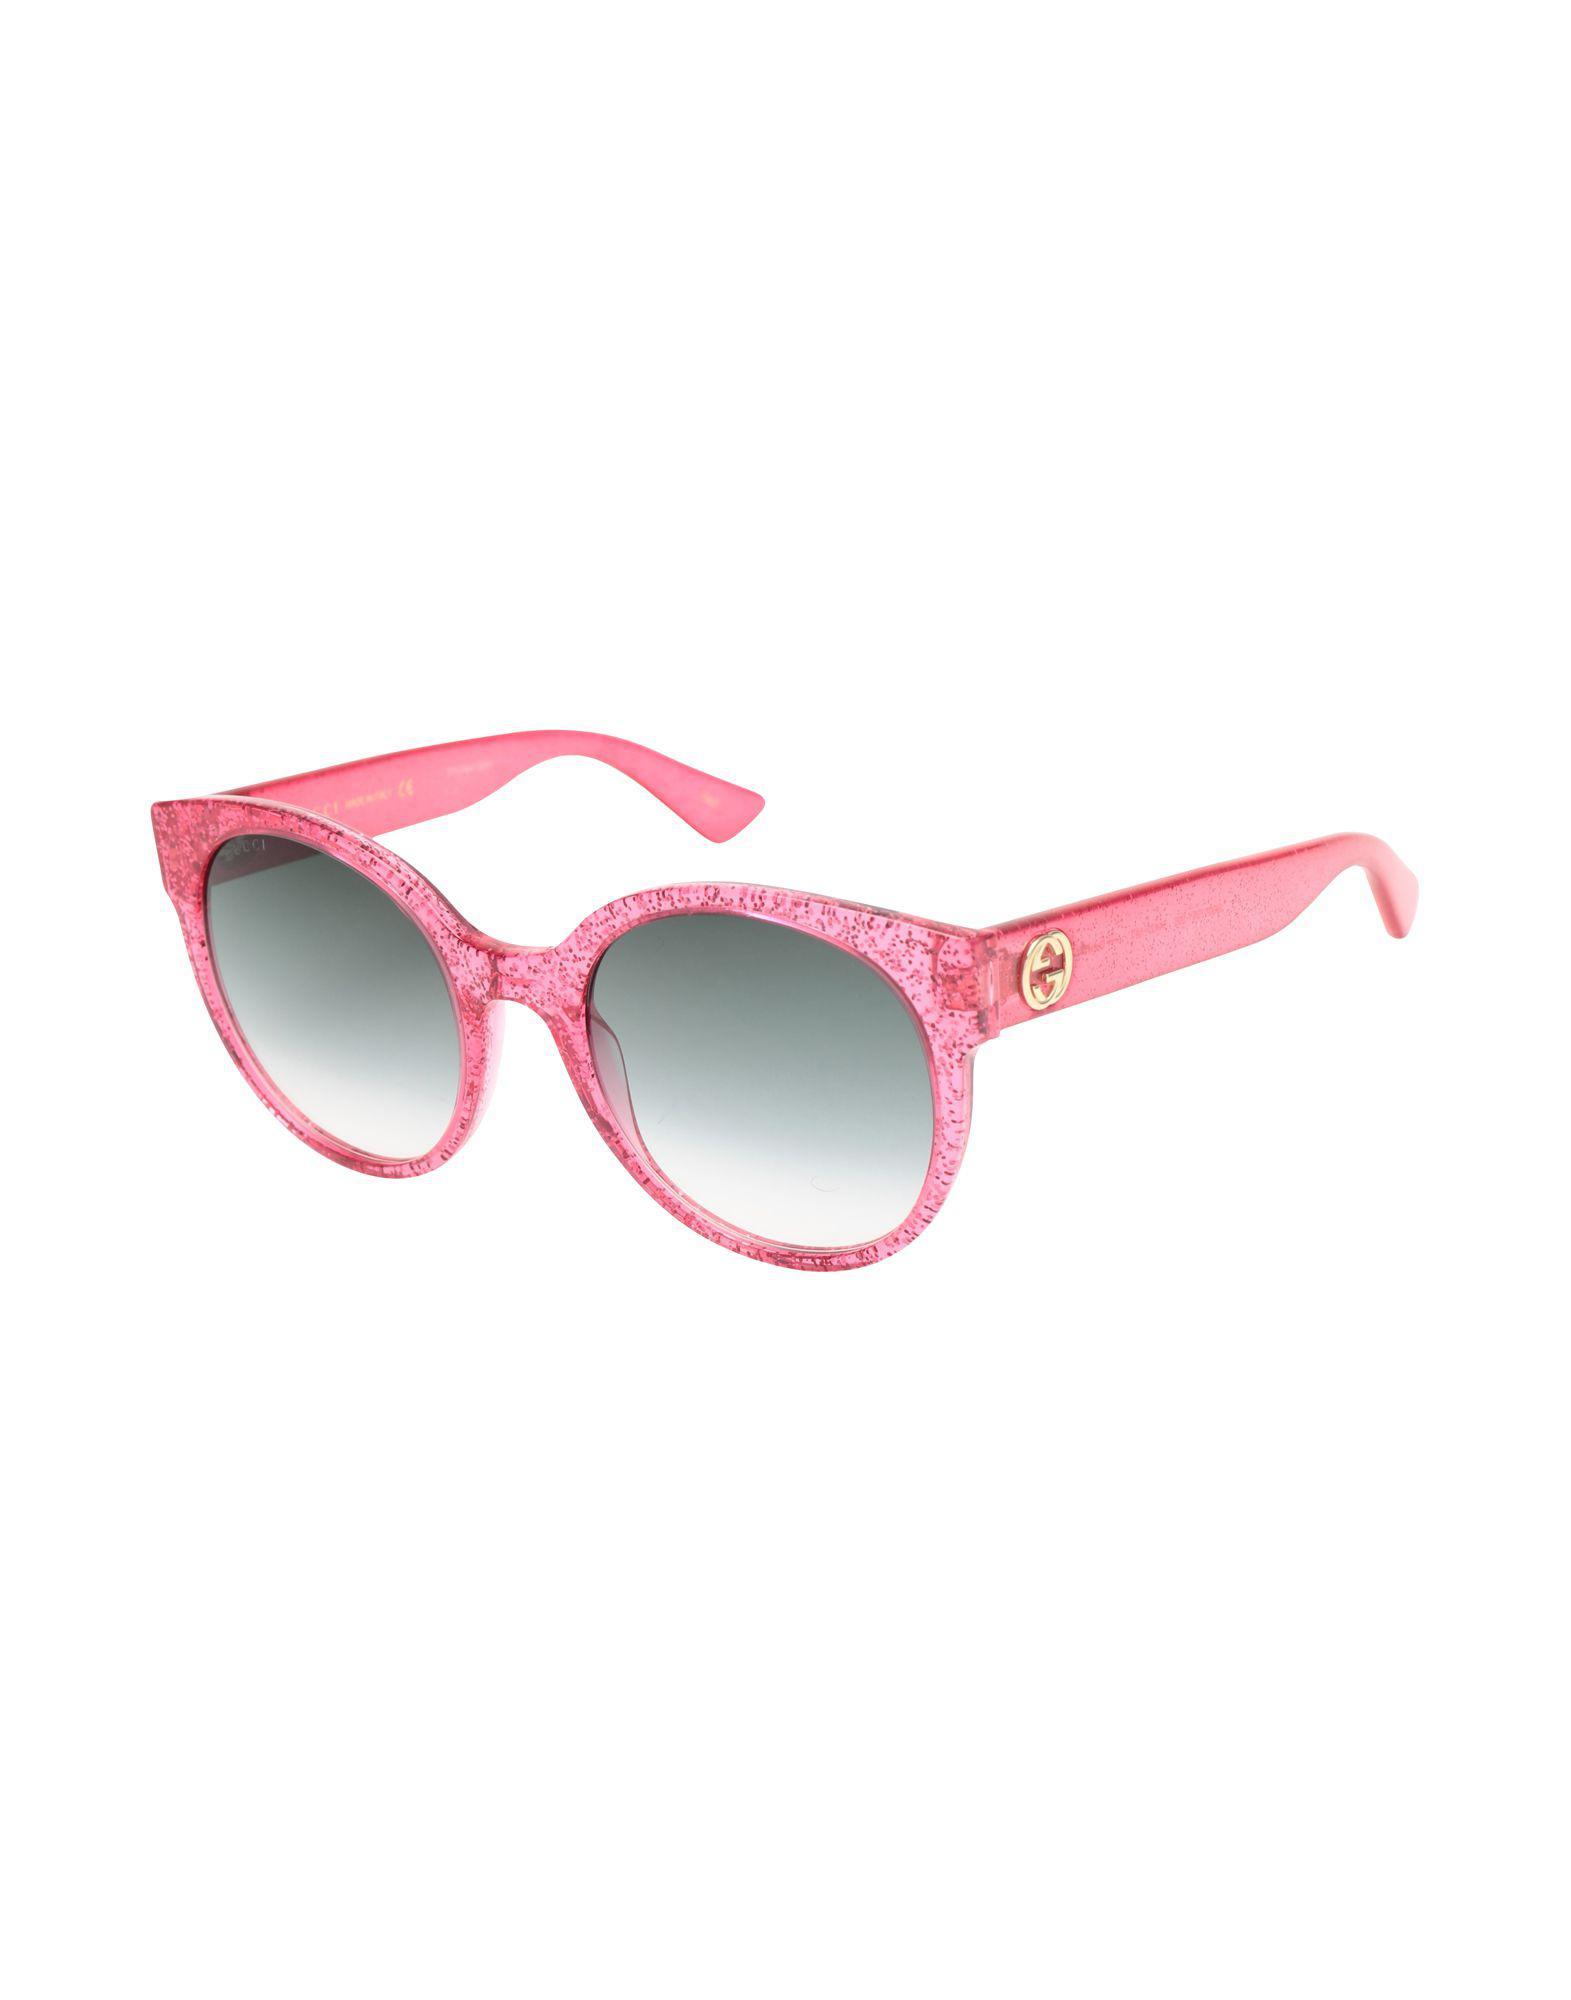 65637f3f920 Gucci. Women s Sunglasses